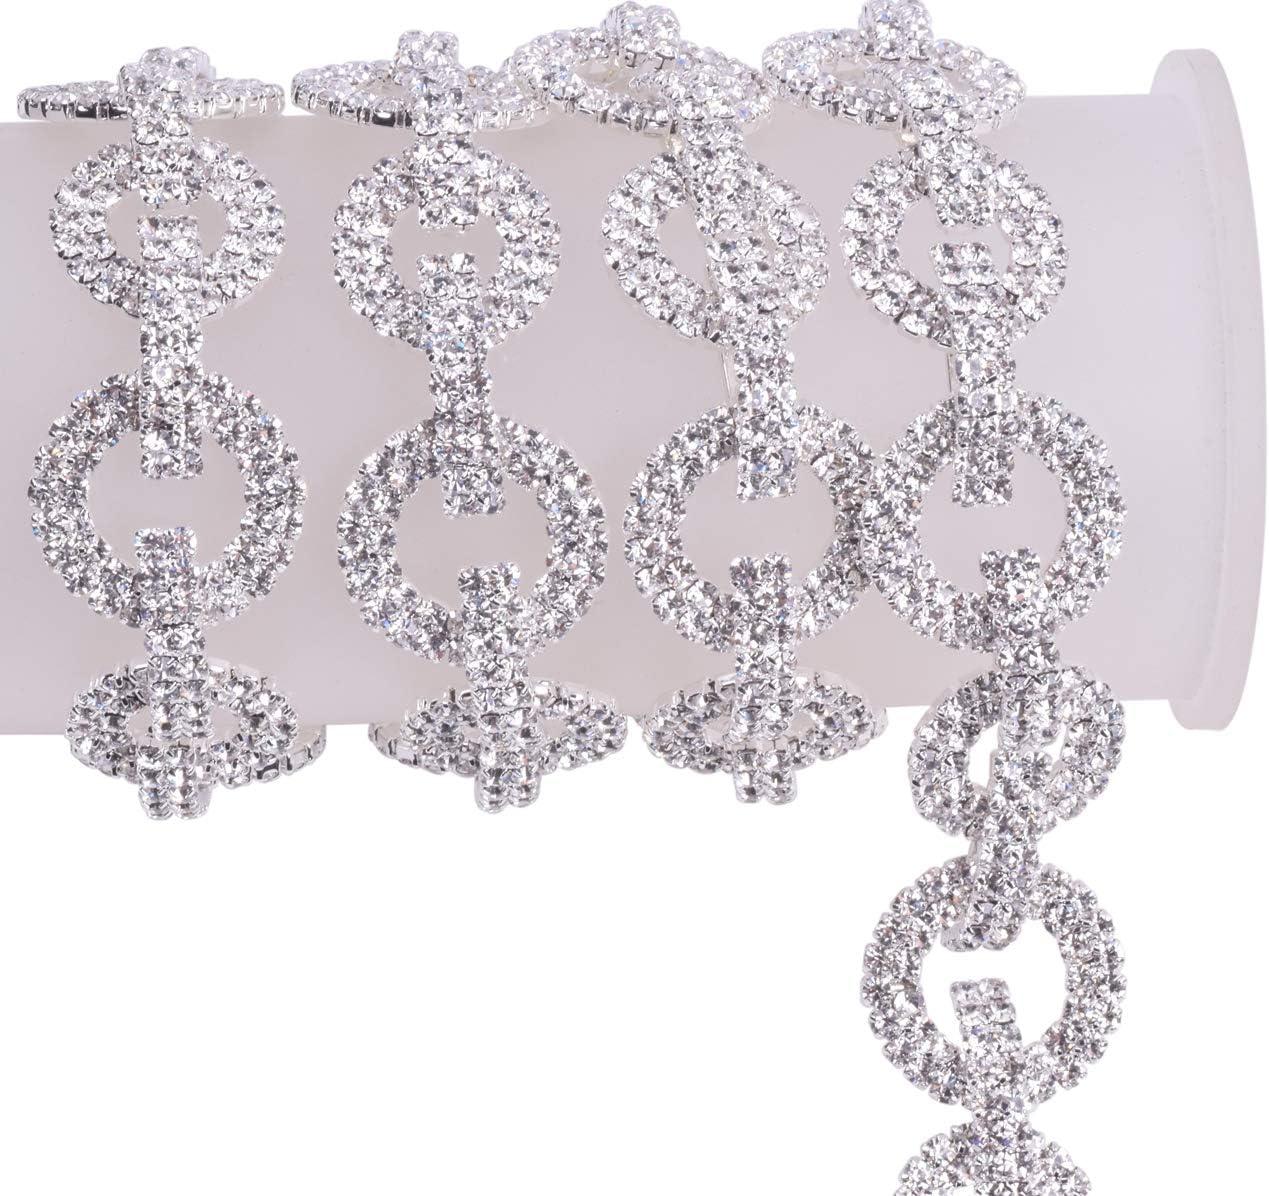 Diamante Trimming Sew or Glue on Wedding 1Yard Rhinestone Chain Crafts